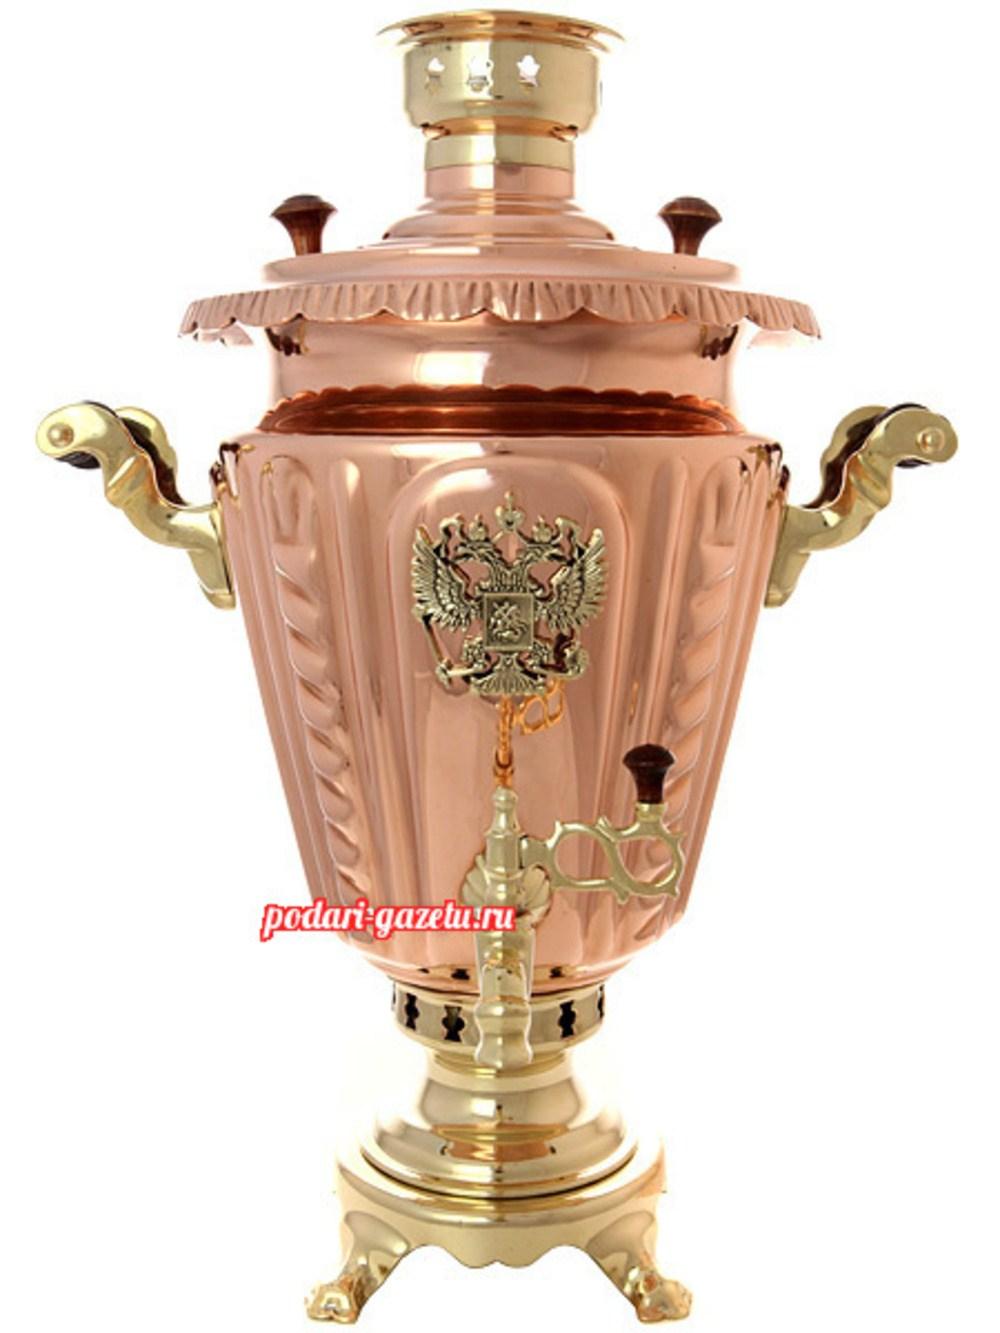 Угольный самовар (жаровый, дровяной) на 7 литров, латунь-медь конус рифленый с накладным Гербом РФ